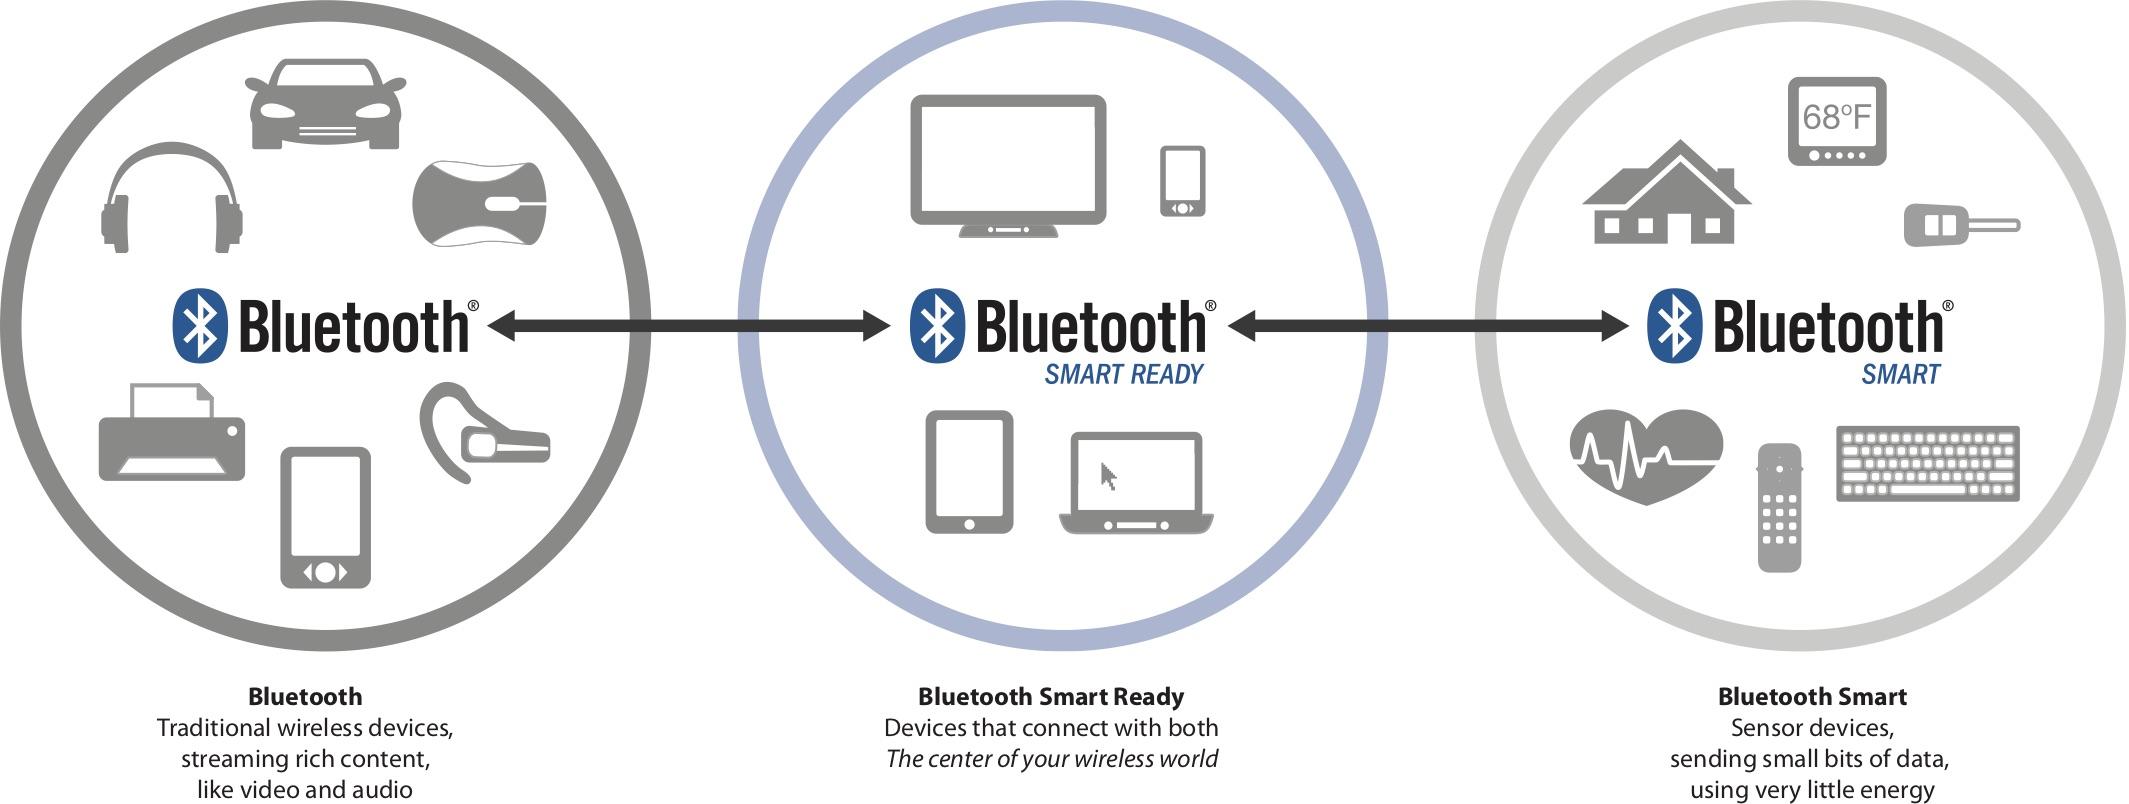 Взаимосвязь между устройствами Bluetooth Smart и Bluetooth Smart Ready